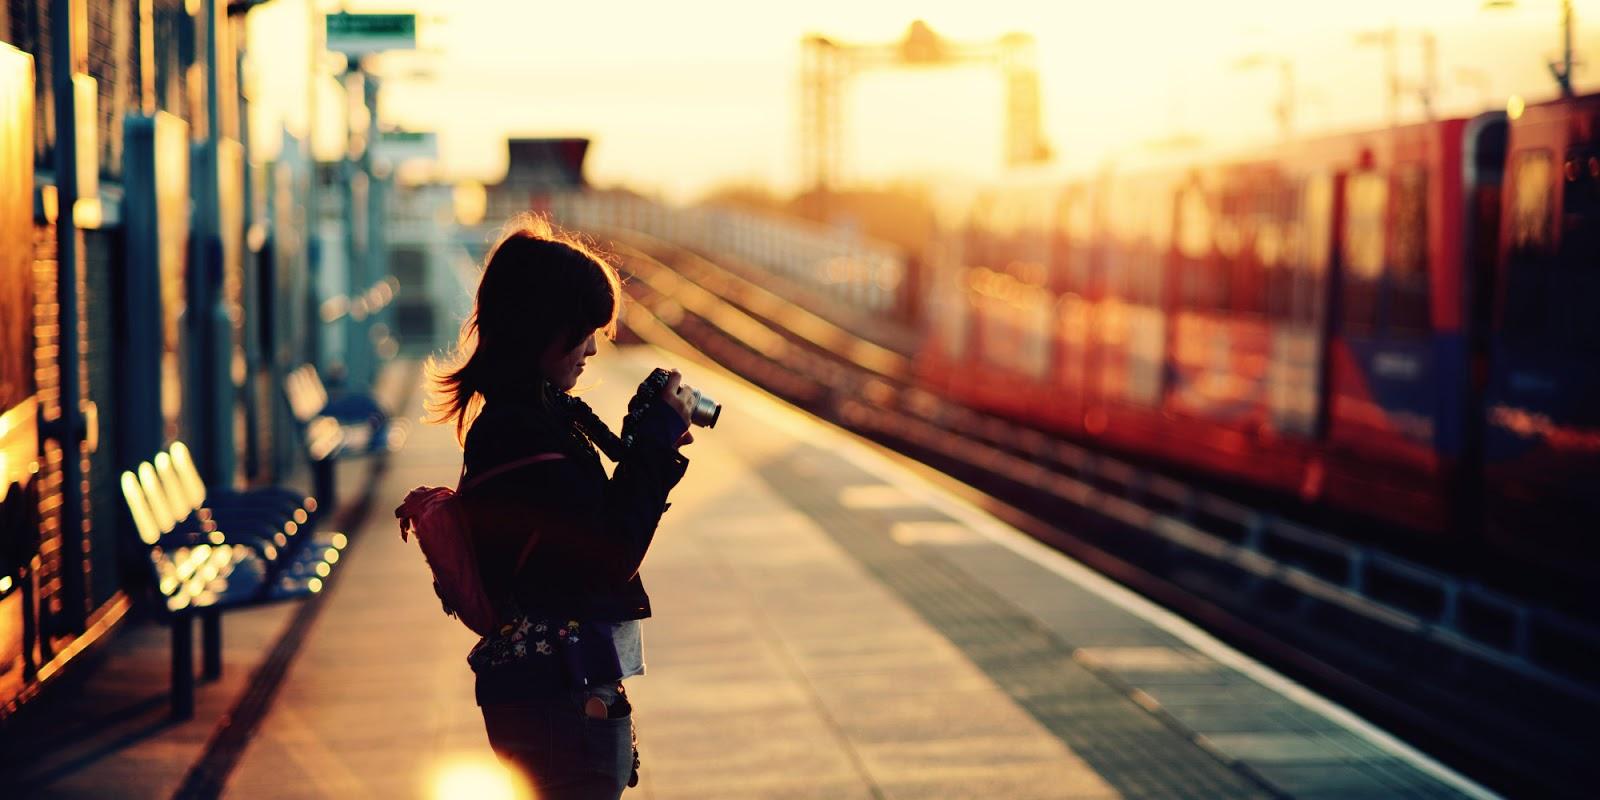 ماذا يحب الاطفال في السفر ؟